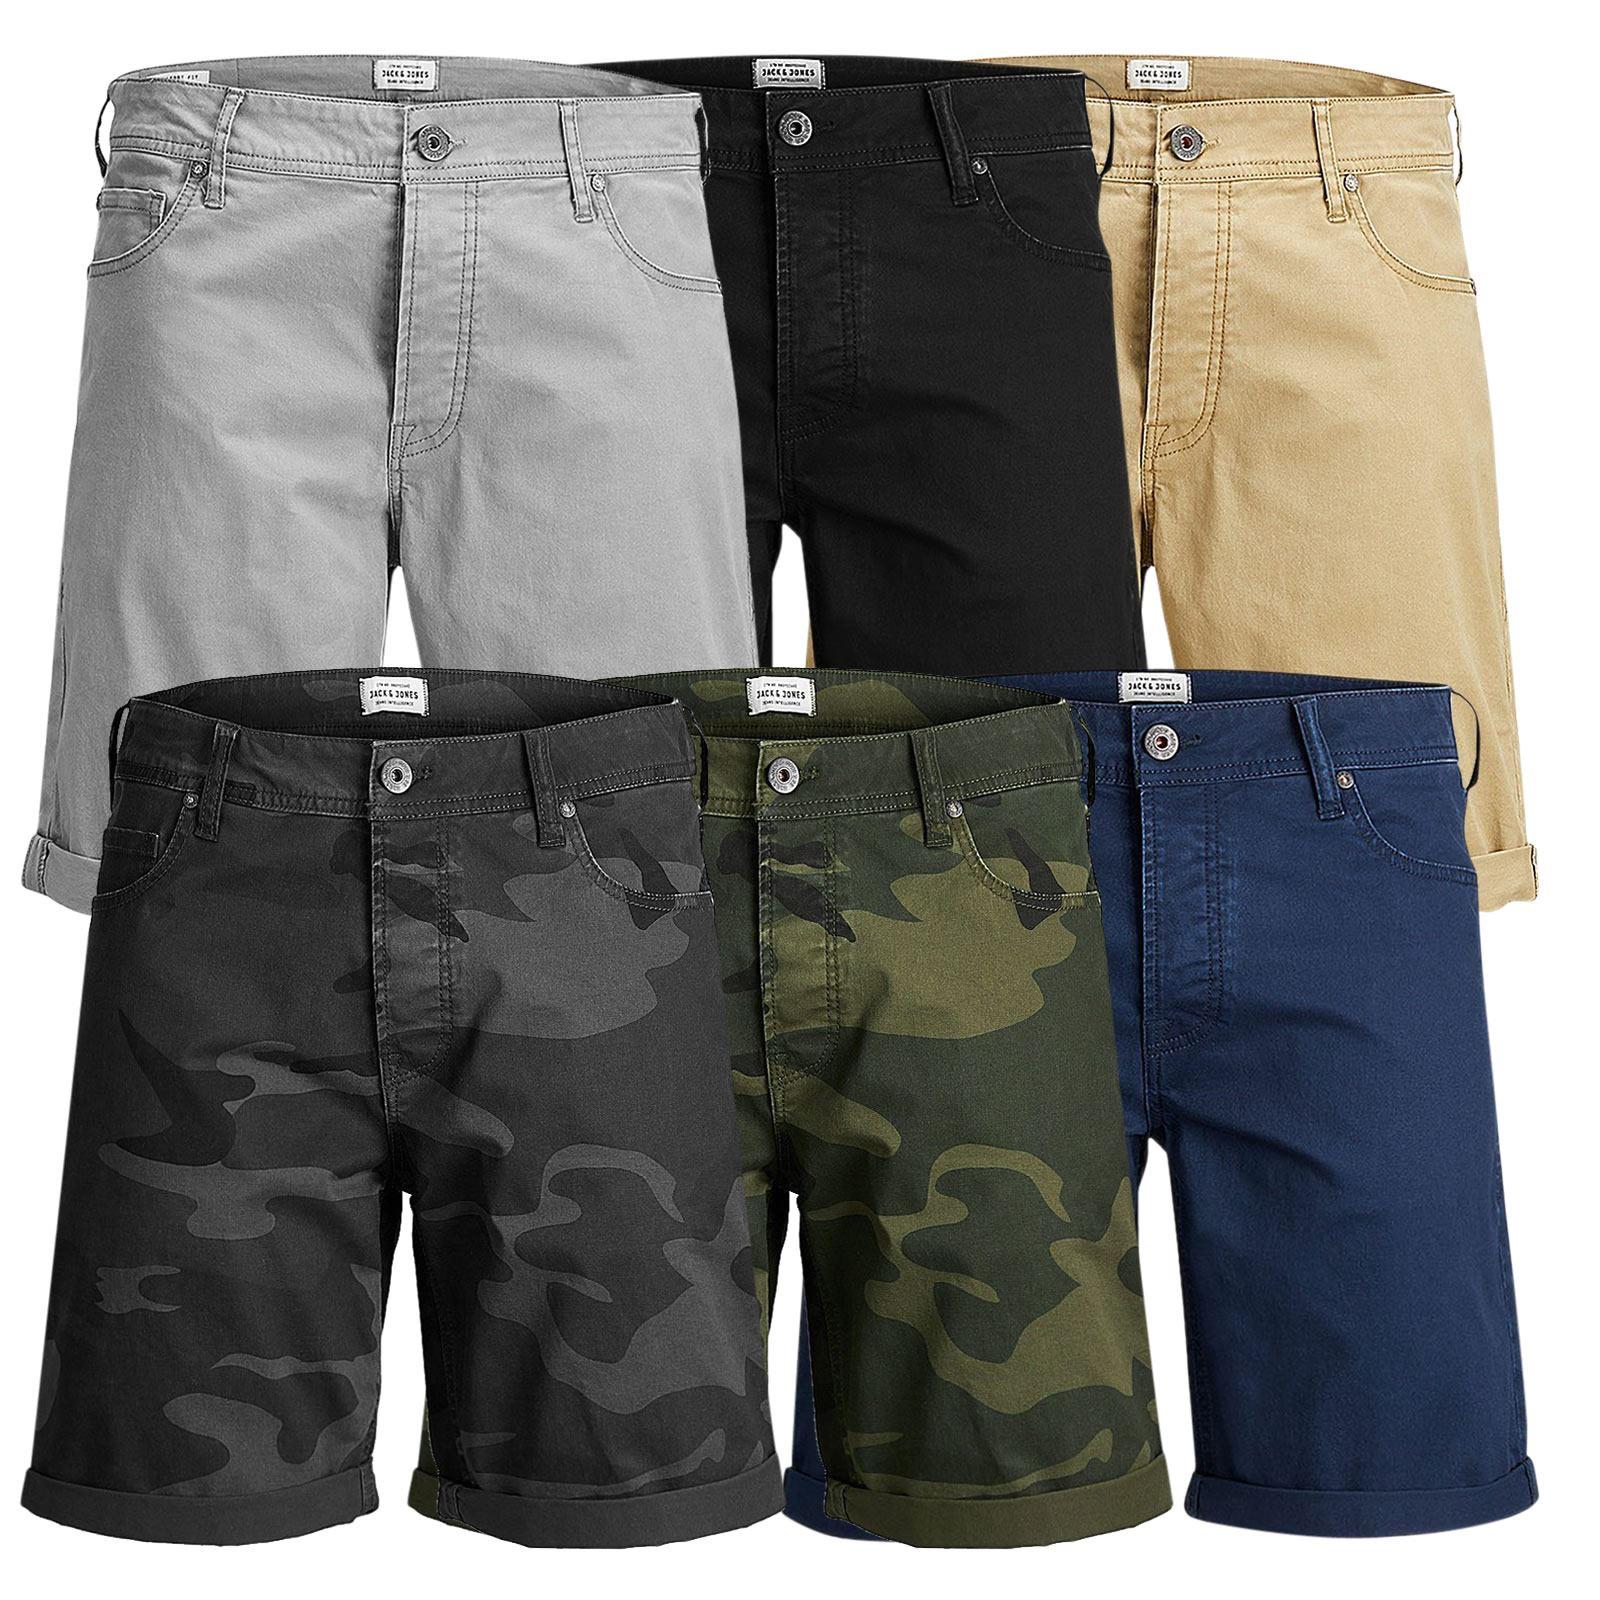 Ahórrate hasta un 70% + 10% adicional en los pantalones cortos JACK & JONES